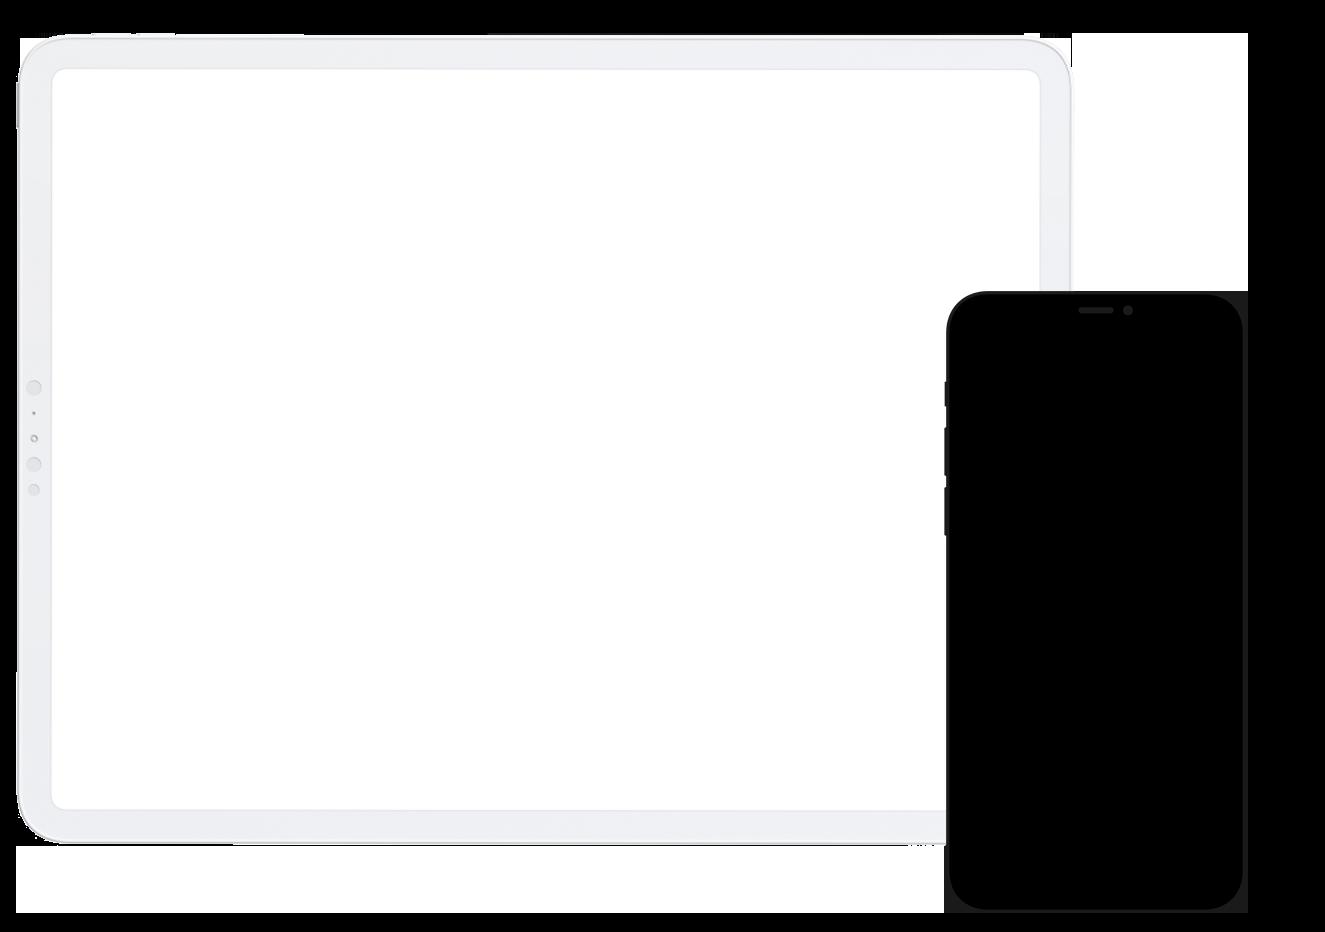 iPadiPhonev3